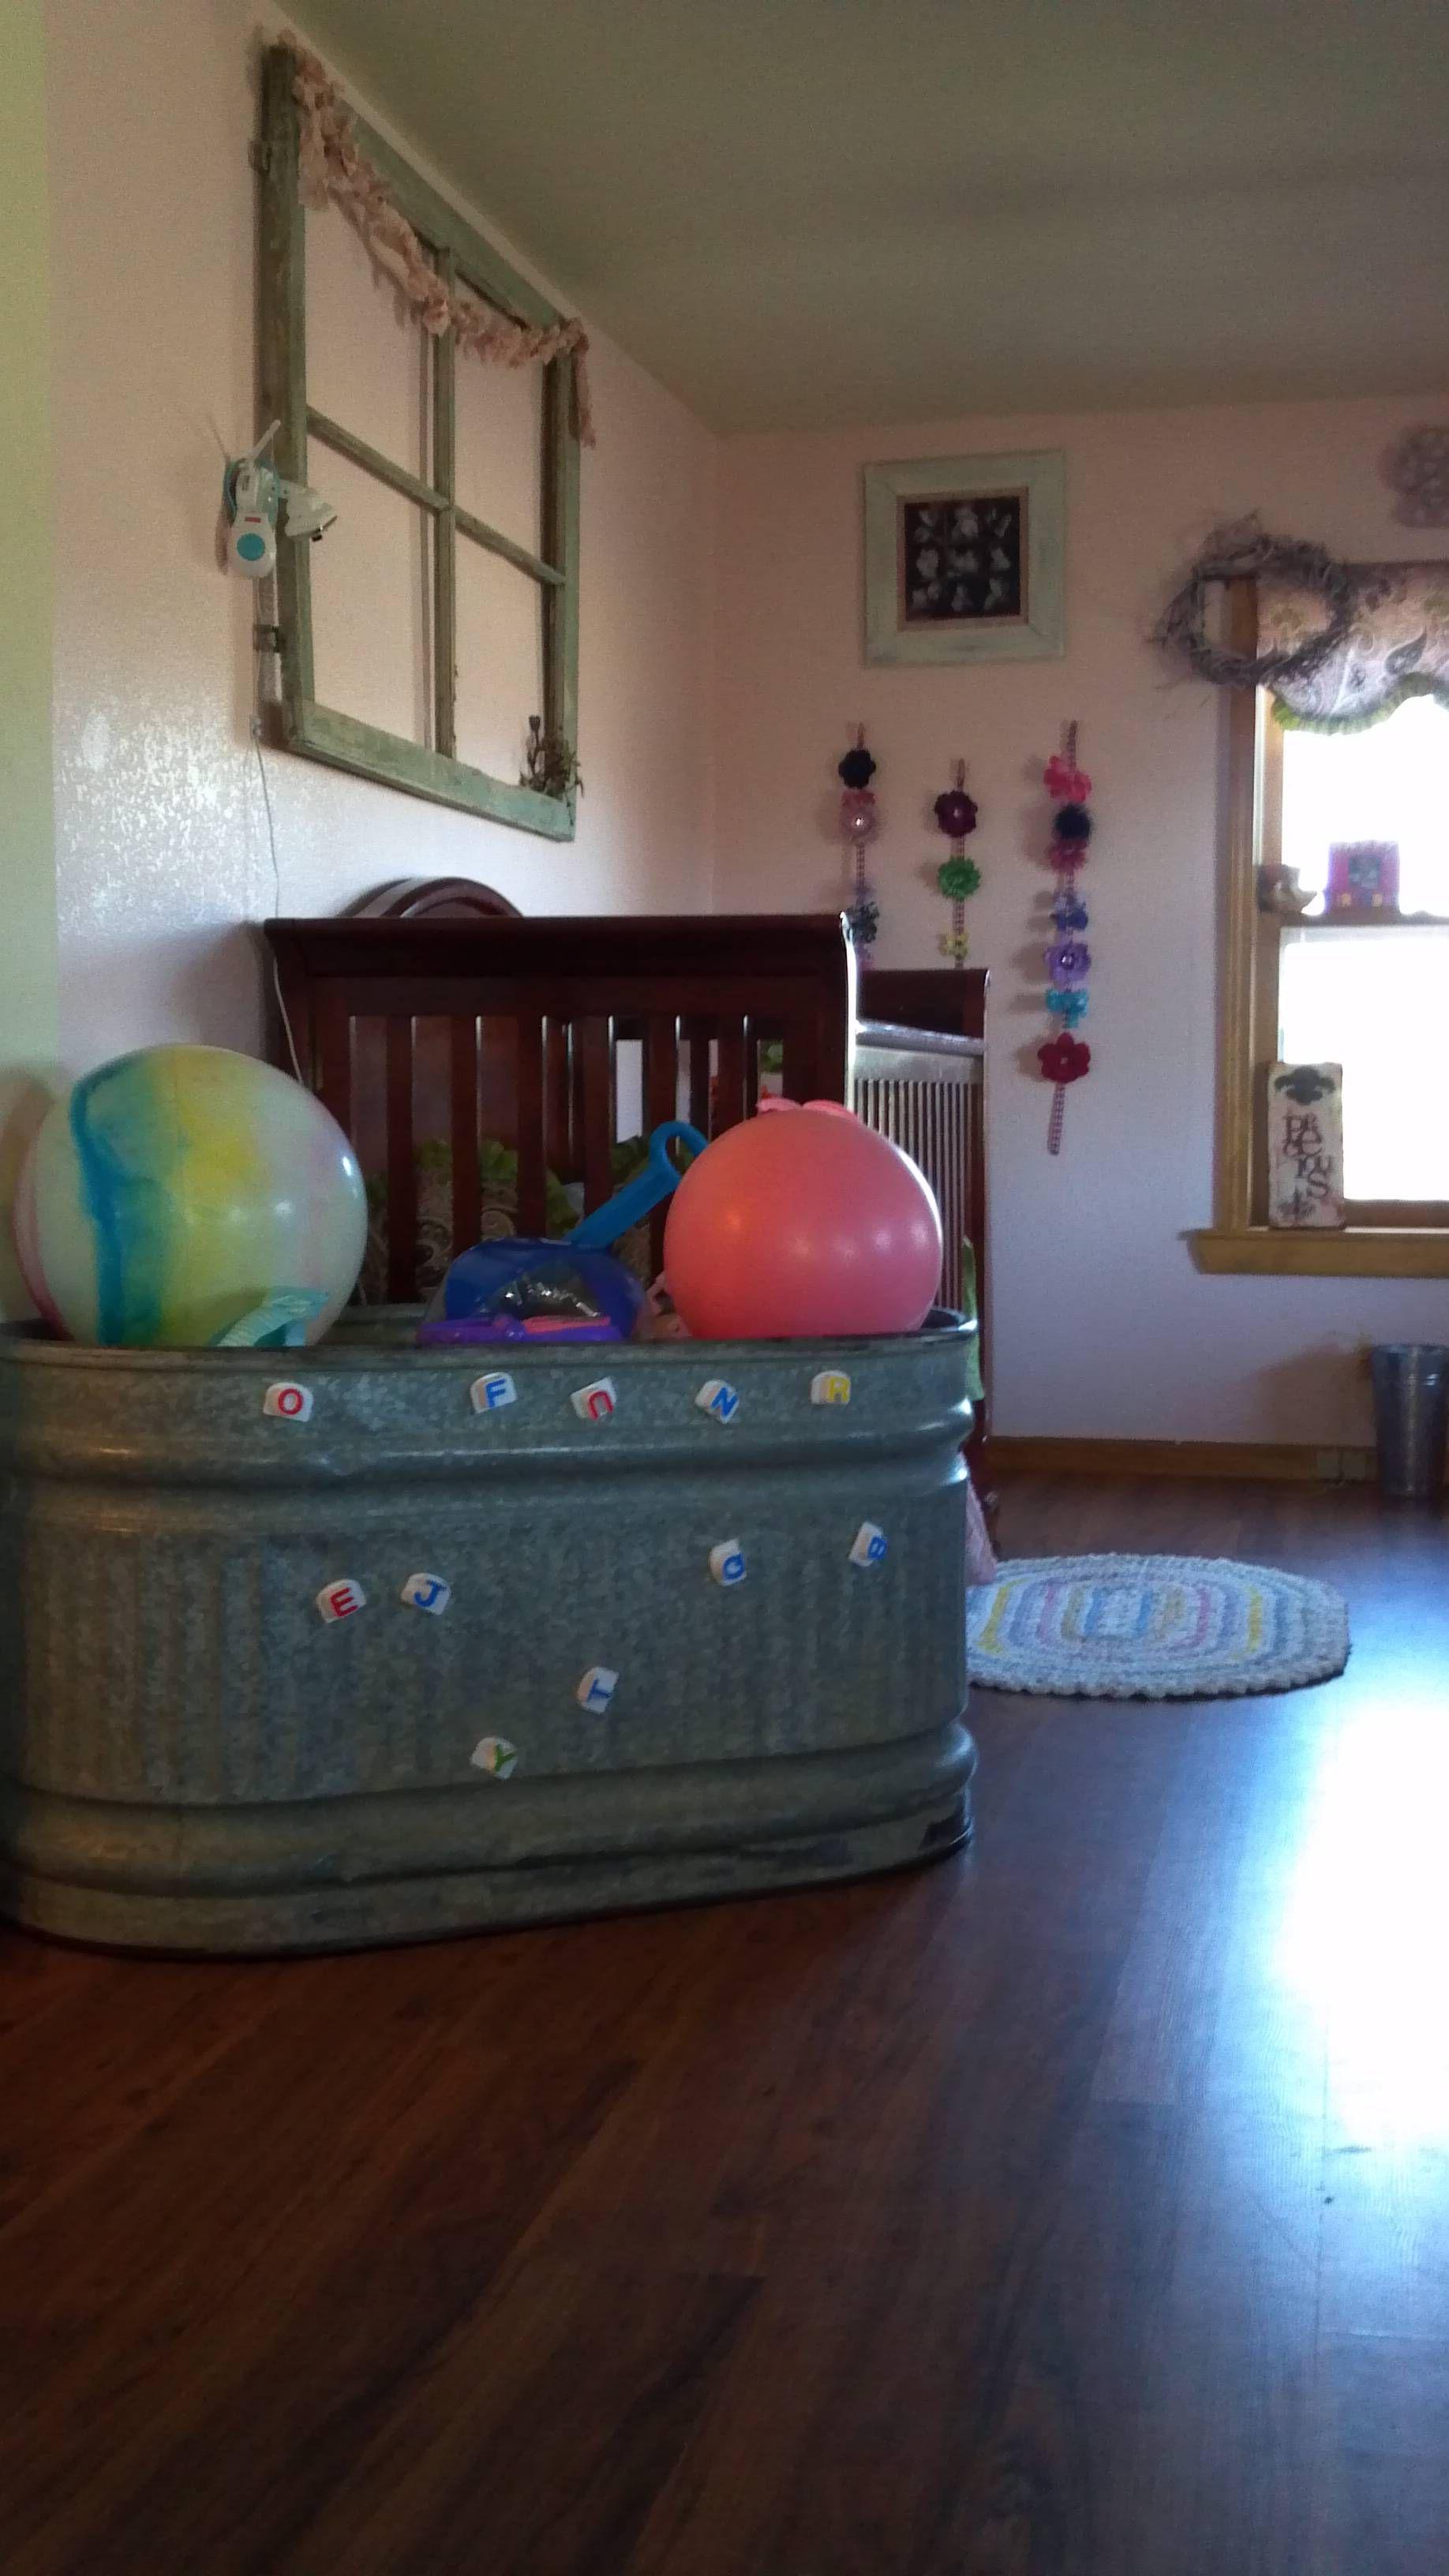 The perfect toybox for my farm house Farm boy room, Farm